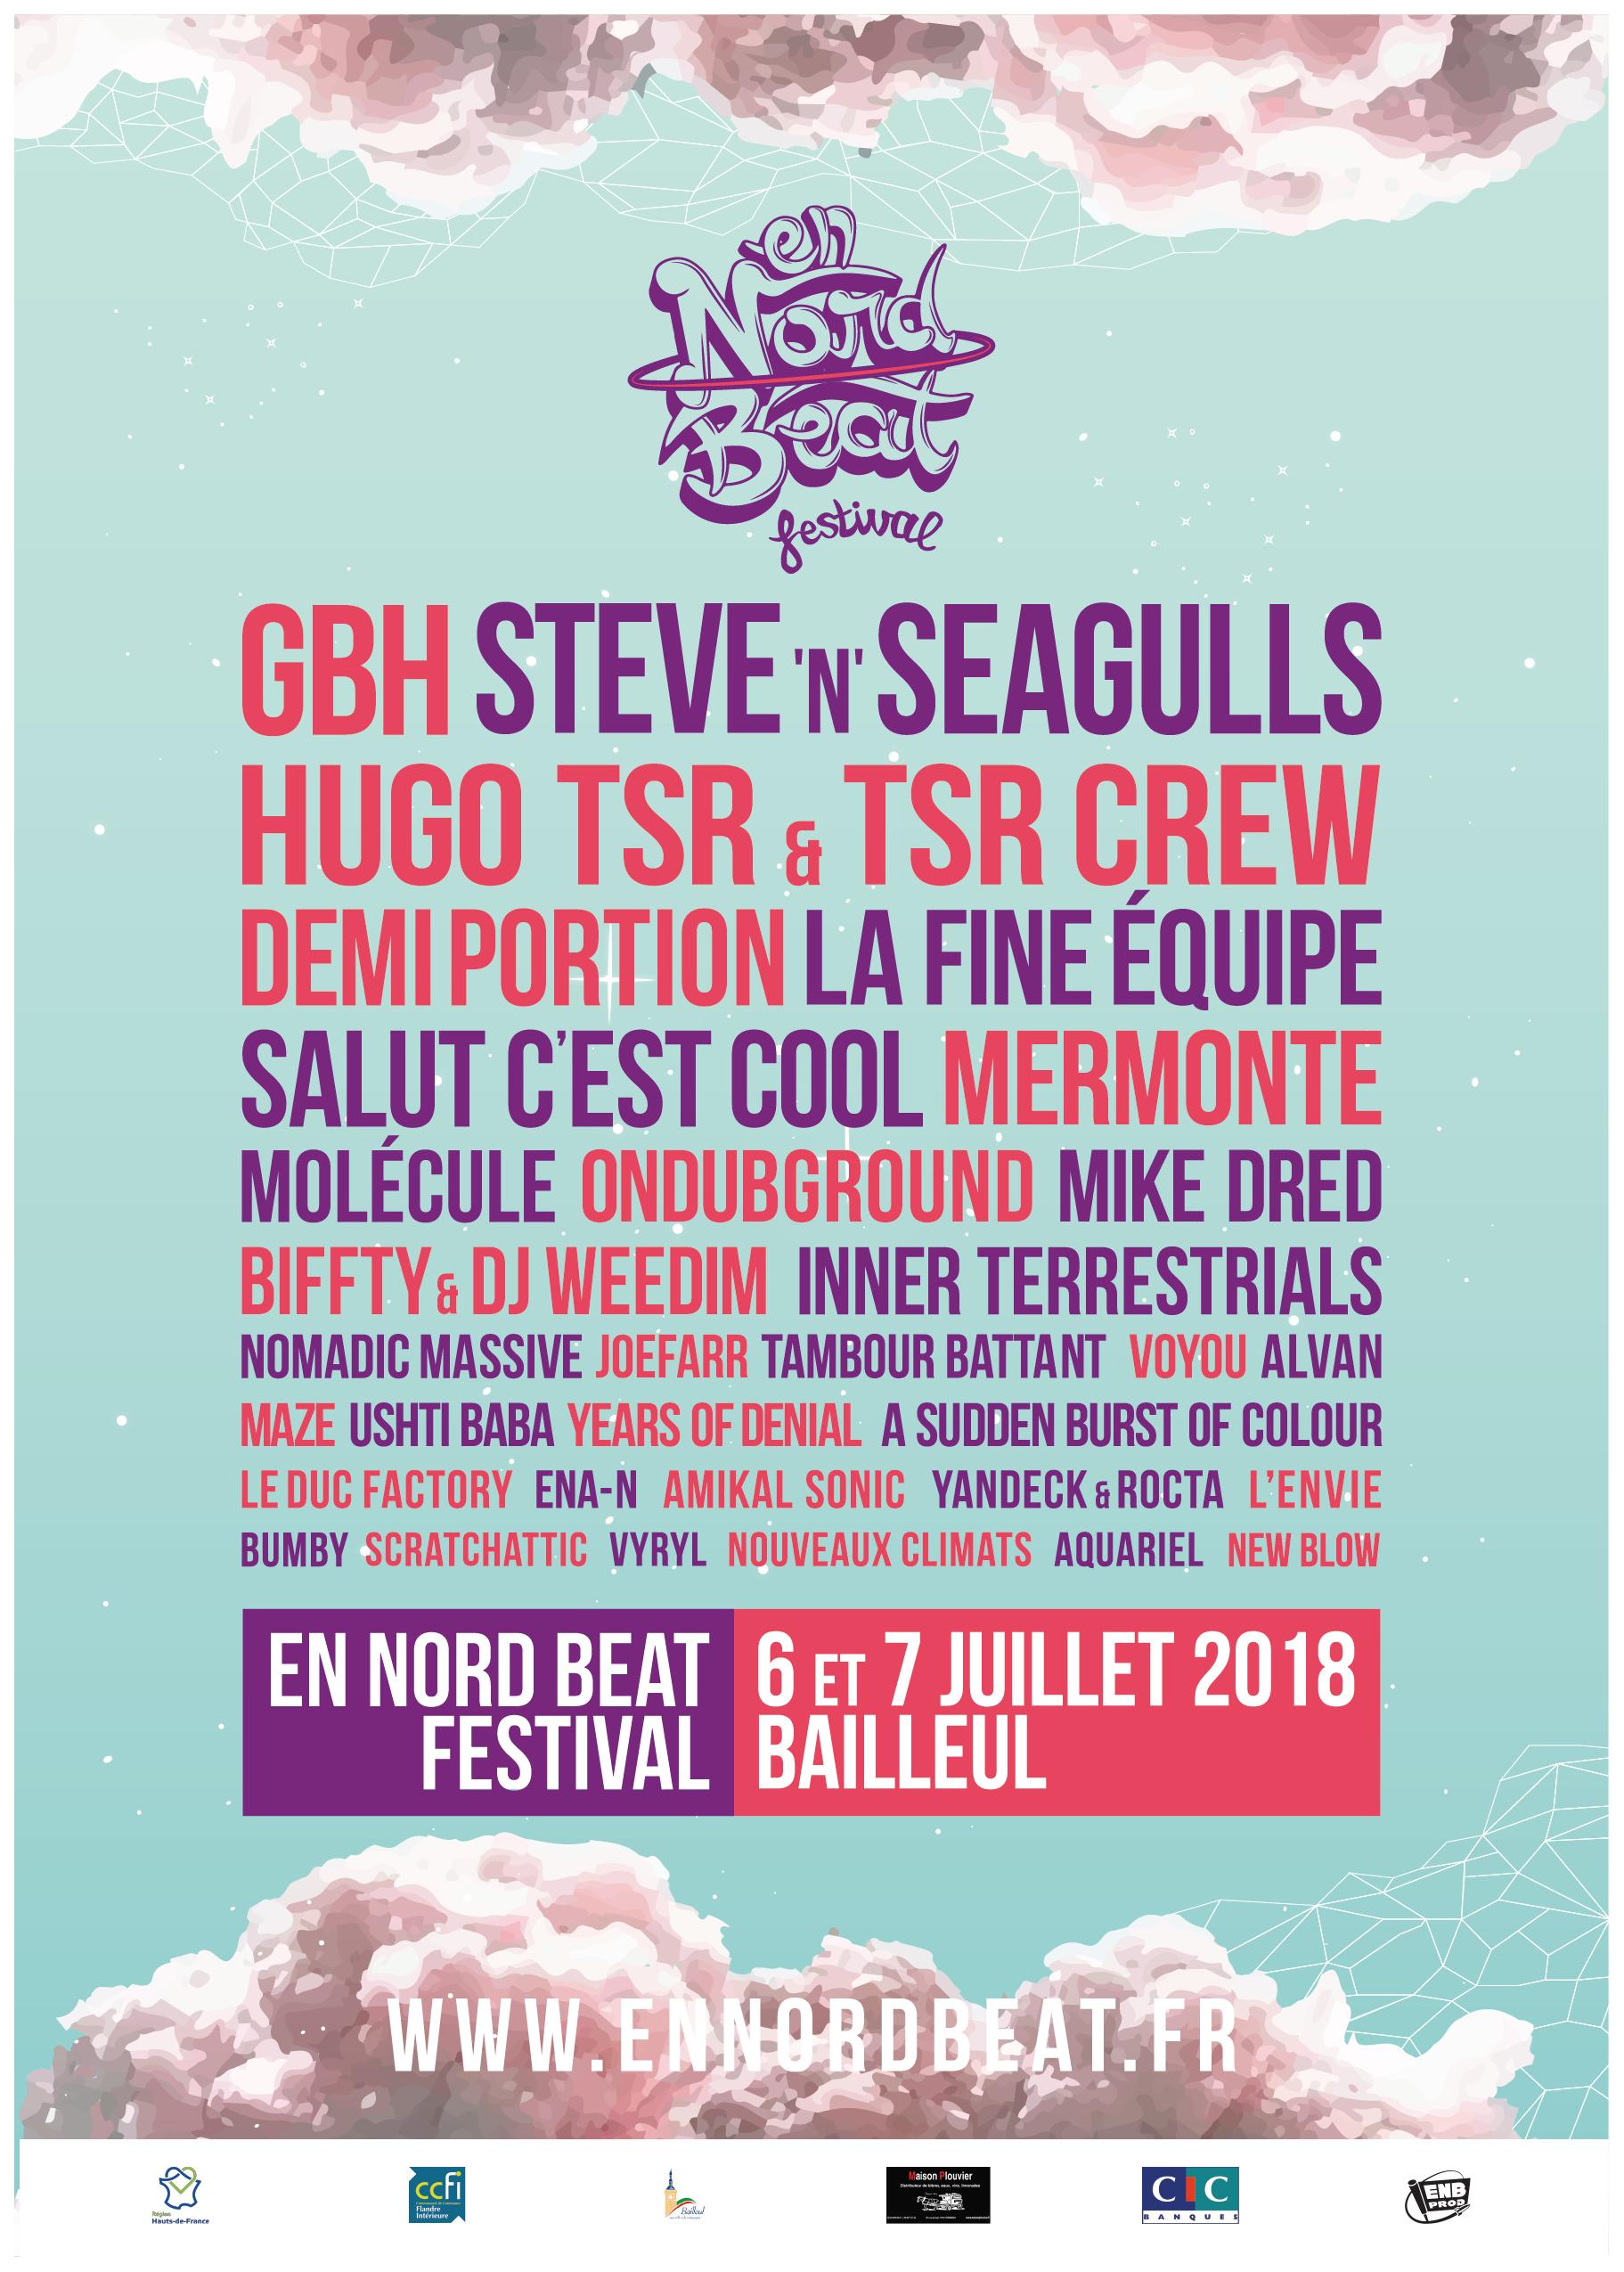 EN NORD BEAT FESTIVAL 2018